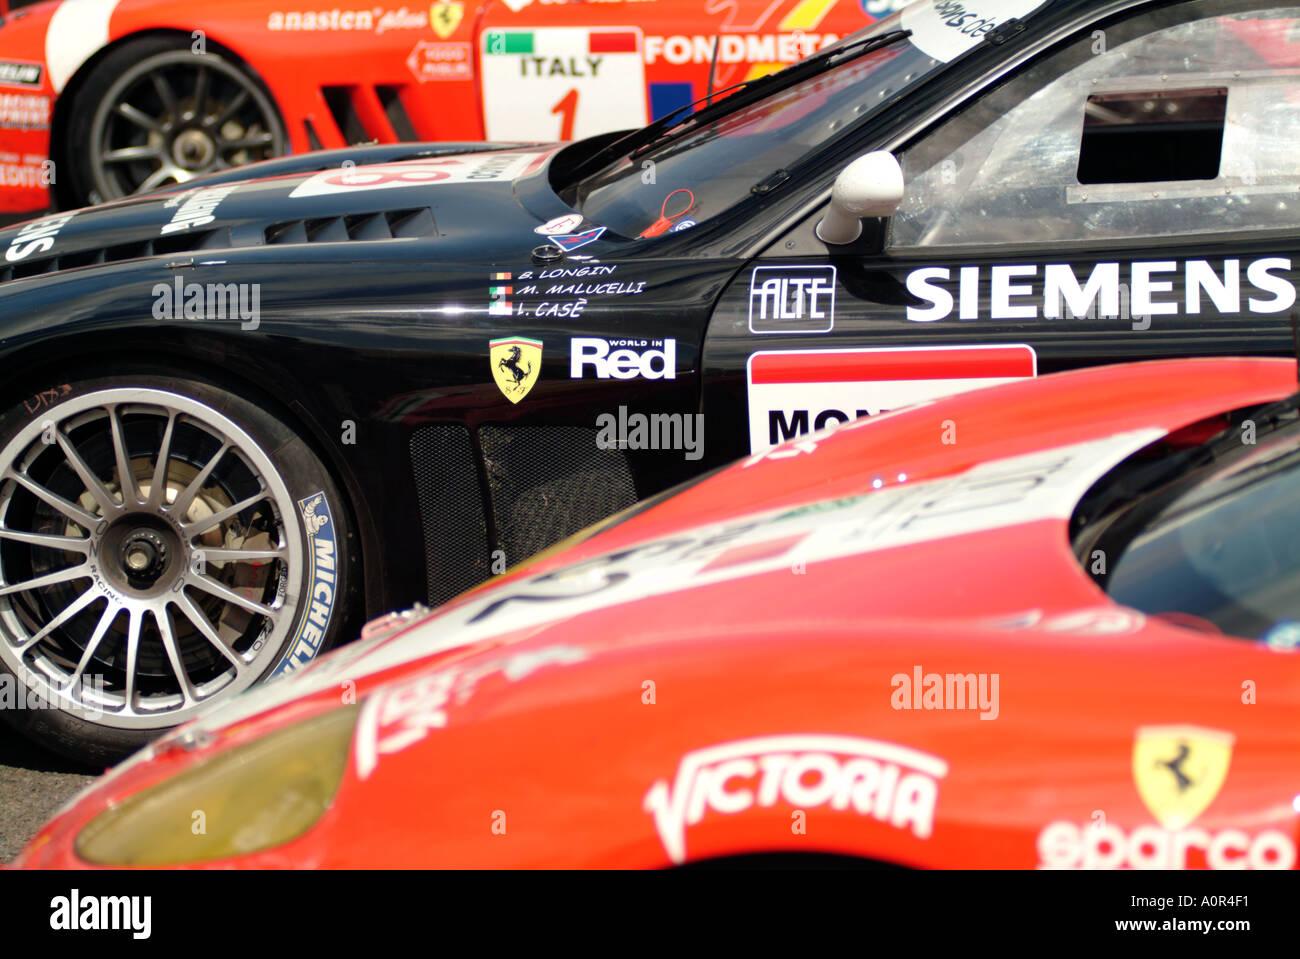 Ferrari rueda patrocinador publicidad slick racing carrera de autos Motor Sport auto win riesgo perder potencia velocidad rápida caballo encabritado Imagen De Stock